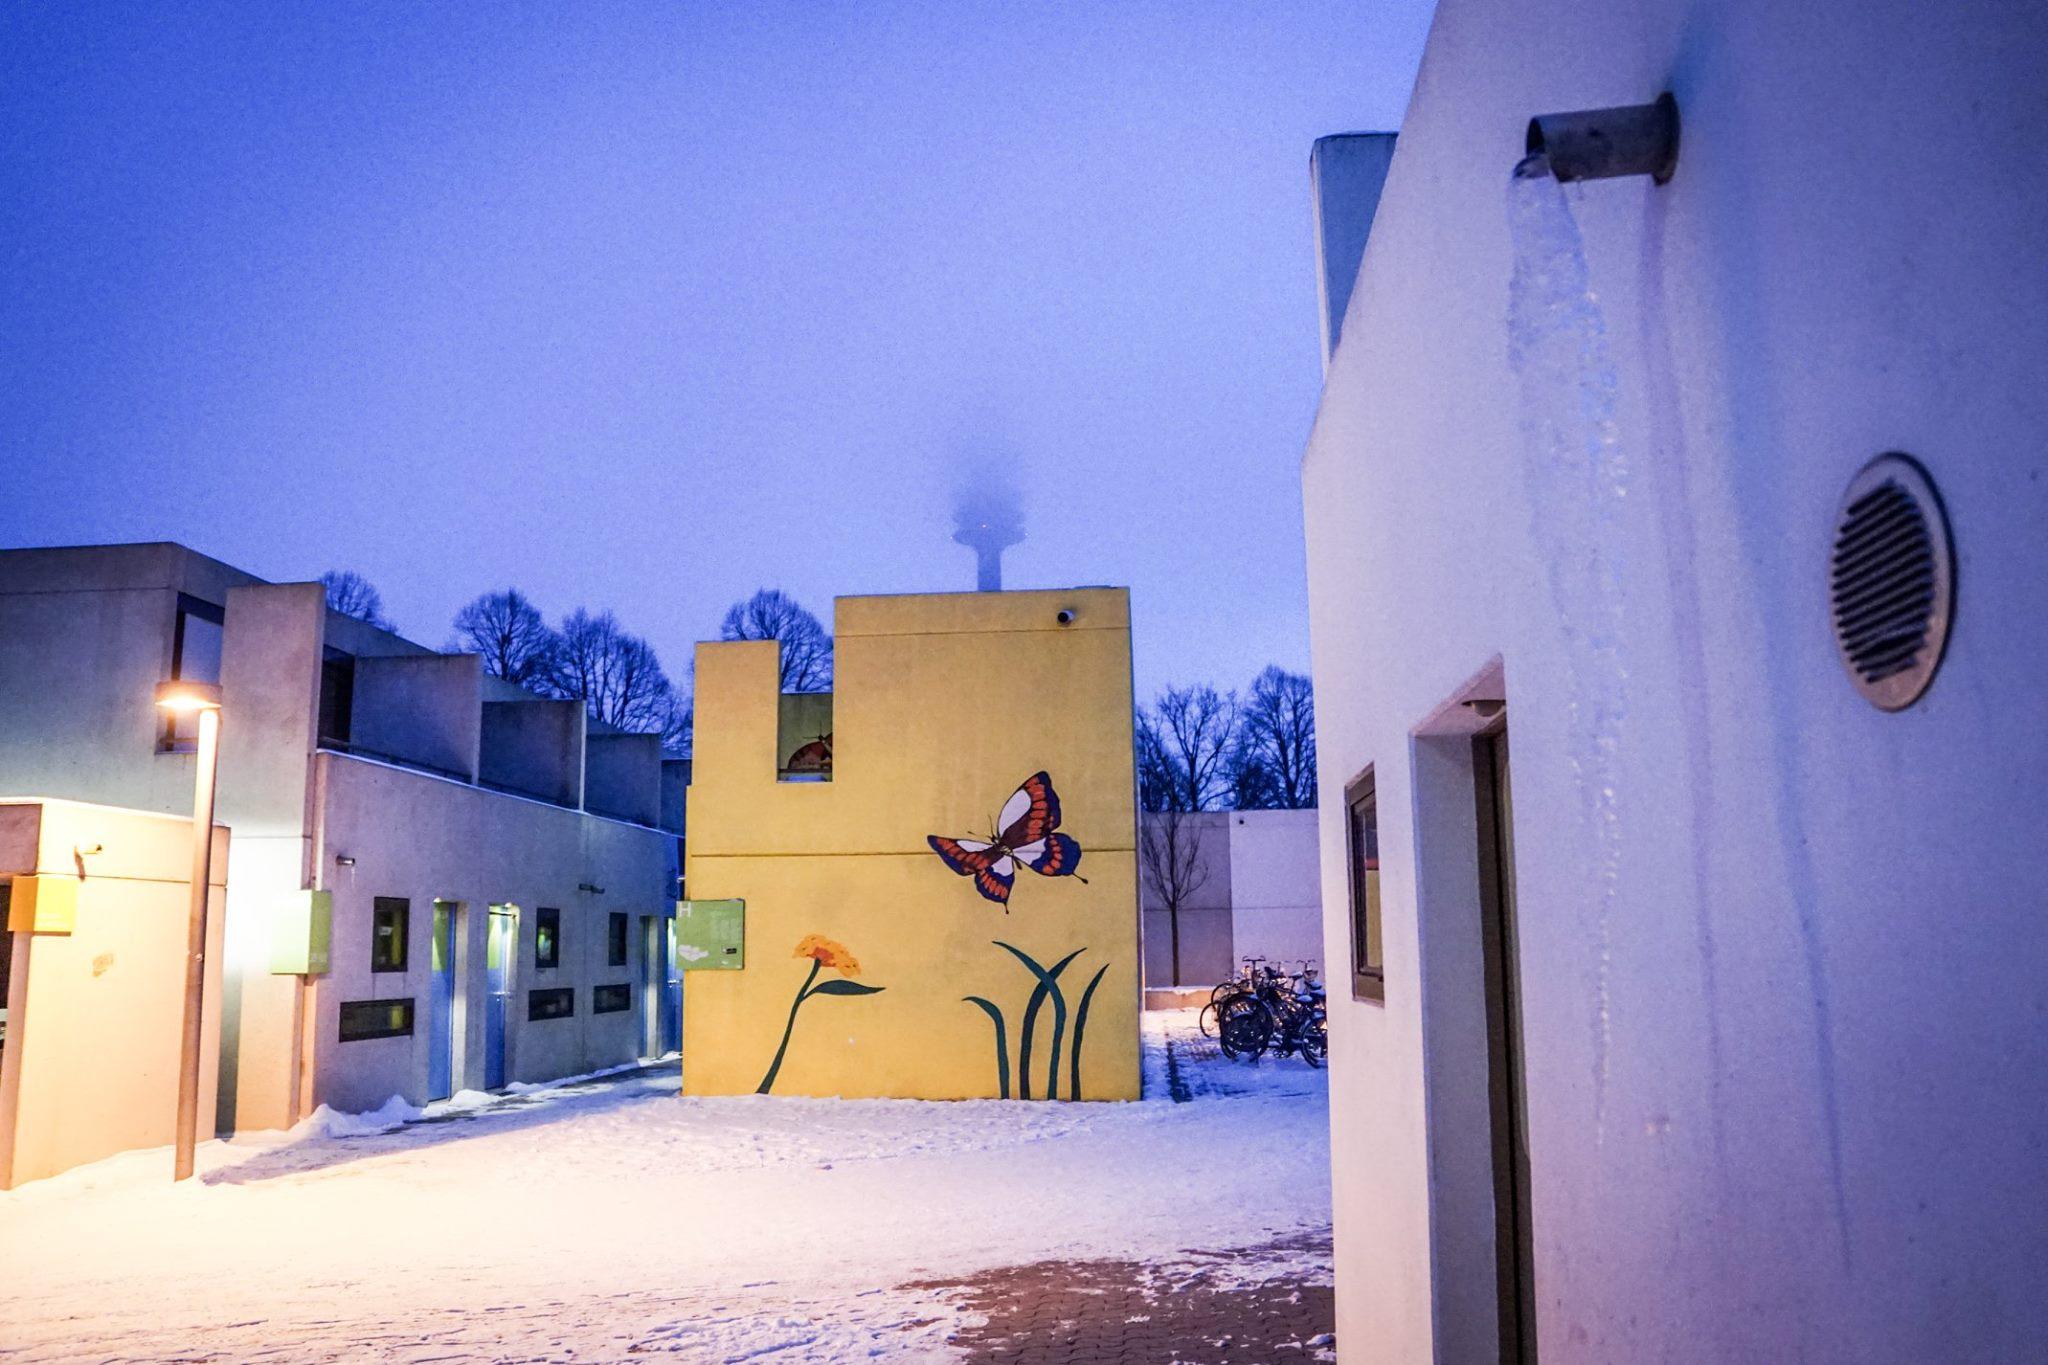 Morgendlicher Kaltstart im Bungalowdorf - was wir daraus lernen können